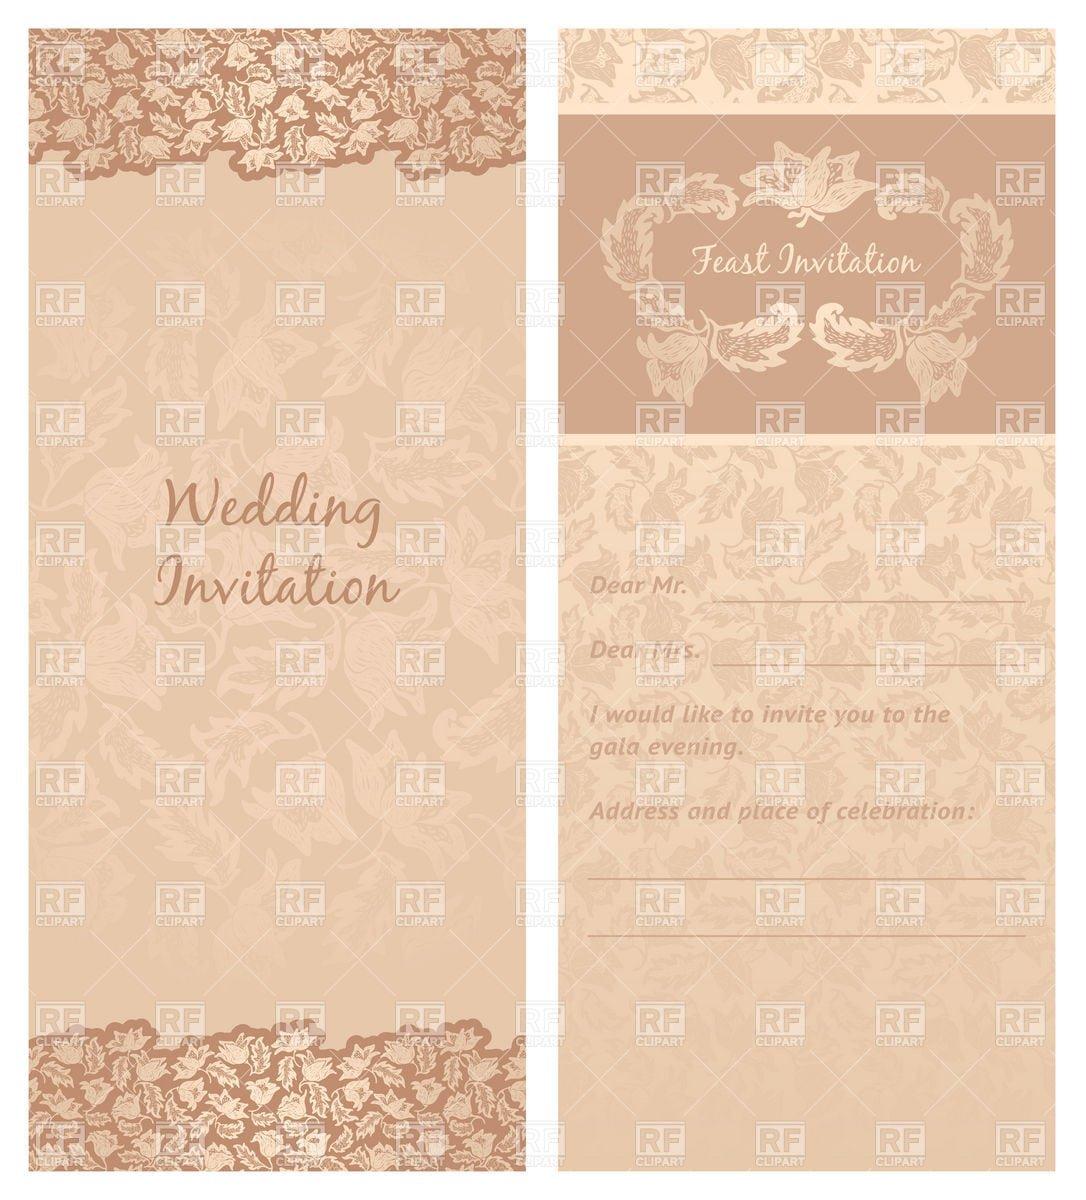 Free Vintage Wedding Invitation Templates